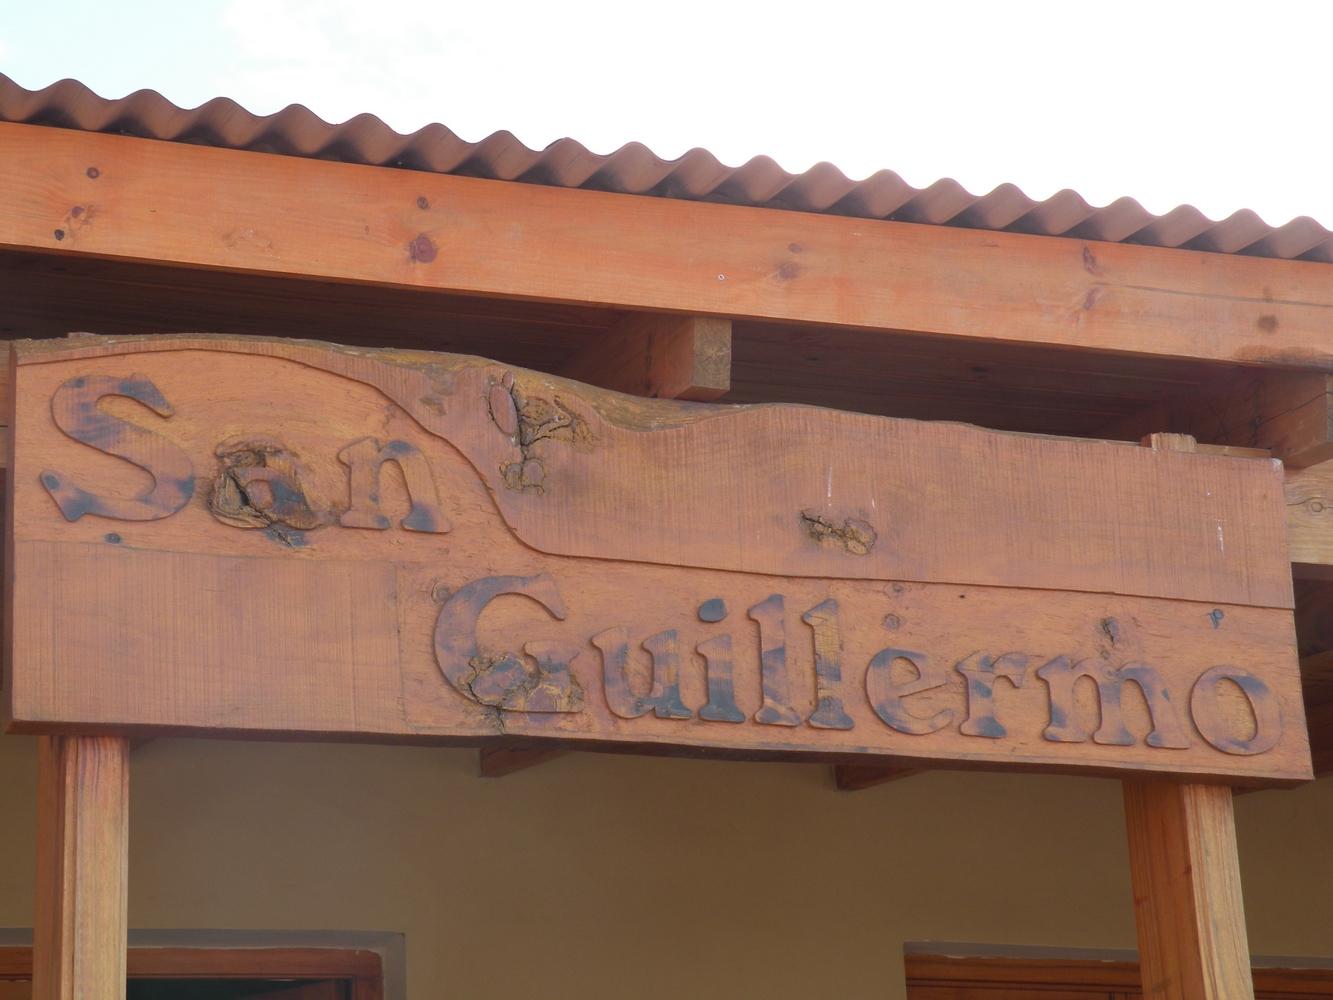 Estancia San Guillermo